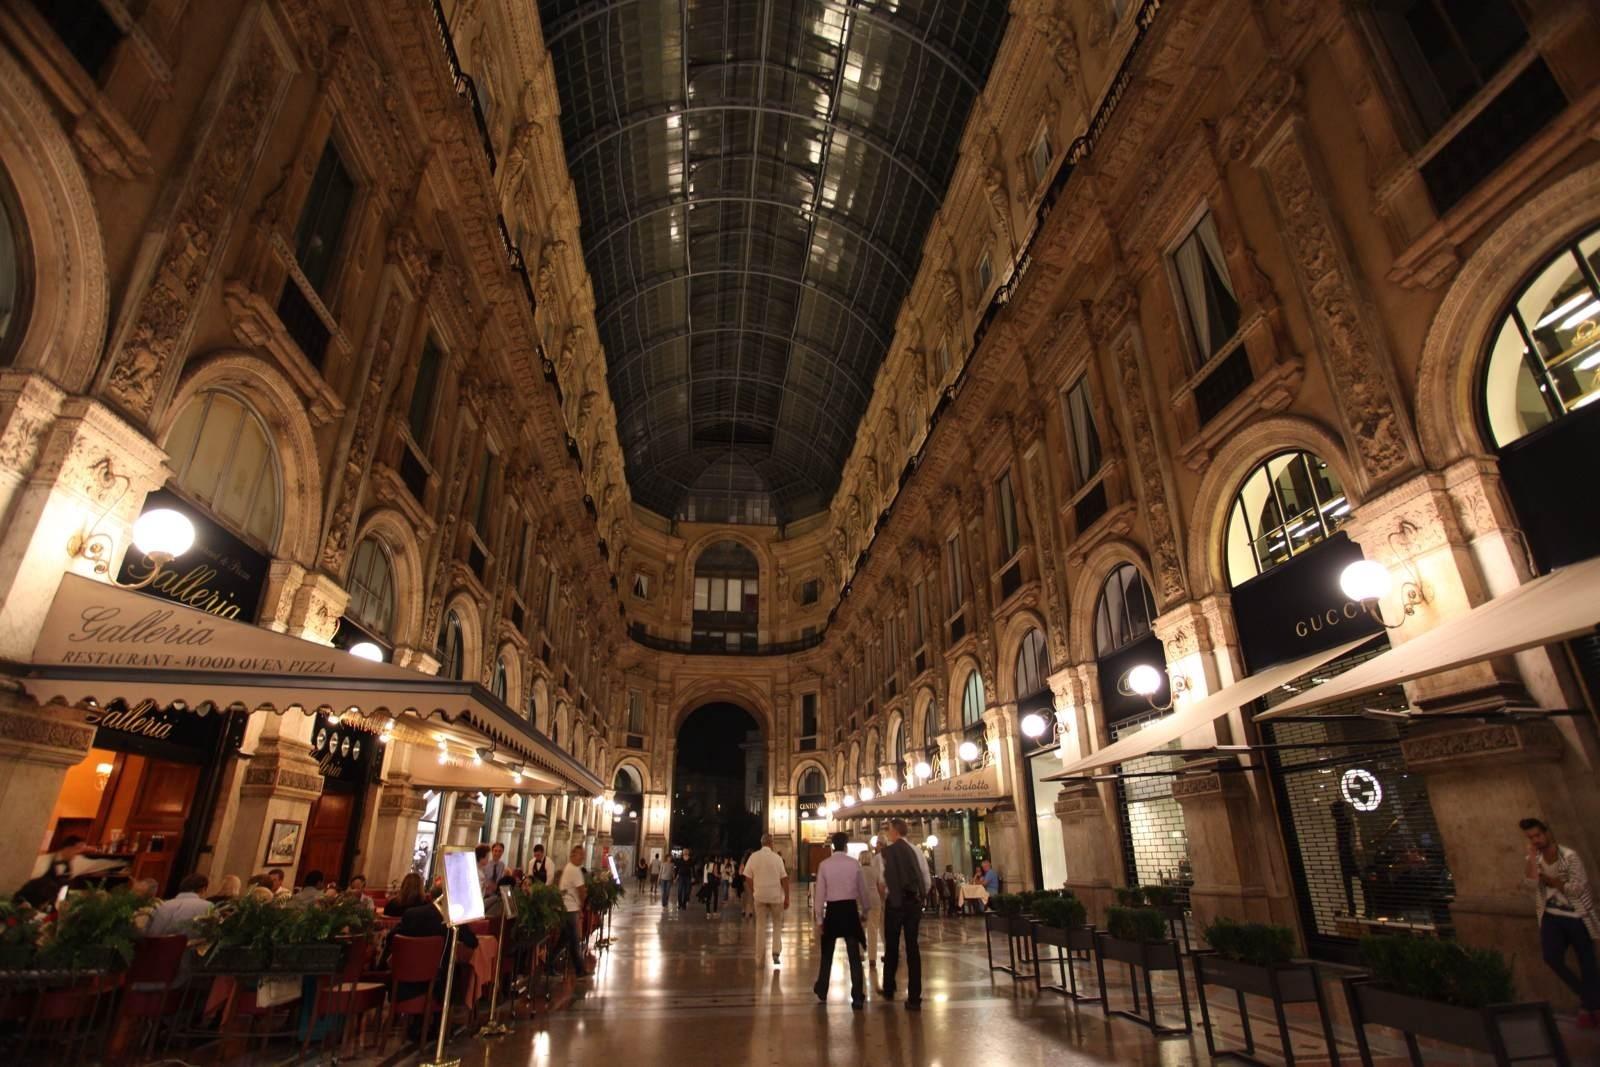 巨大的拱形建筑富丽堂皇,长廊内有装璜考究的金银首饰,时装,礼品店,餐图片